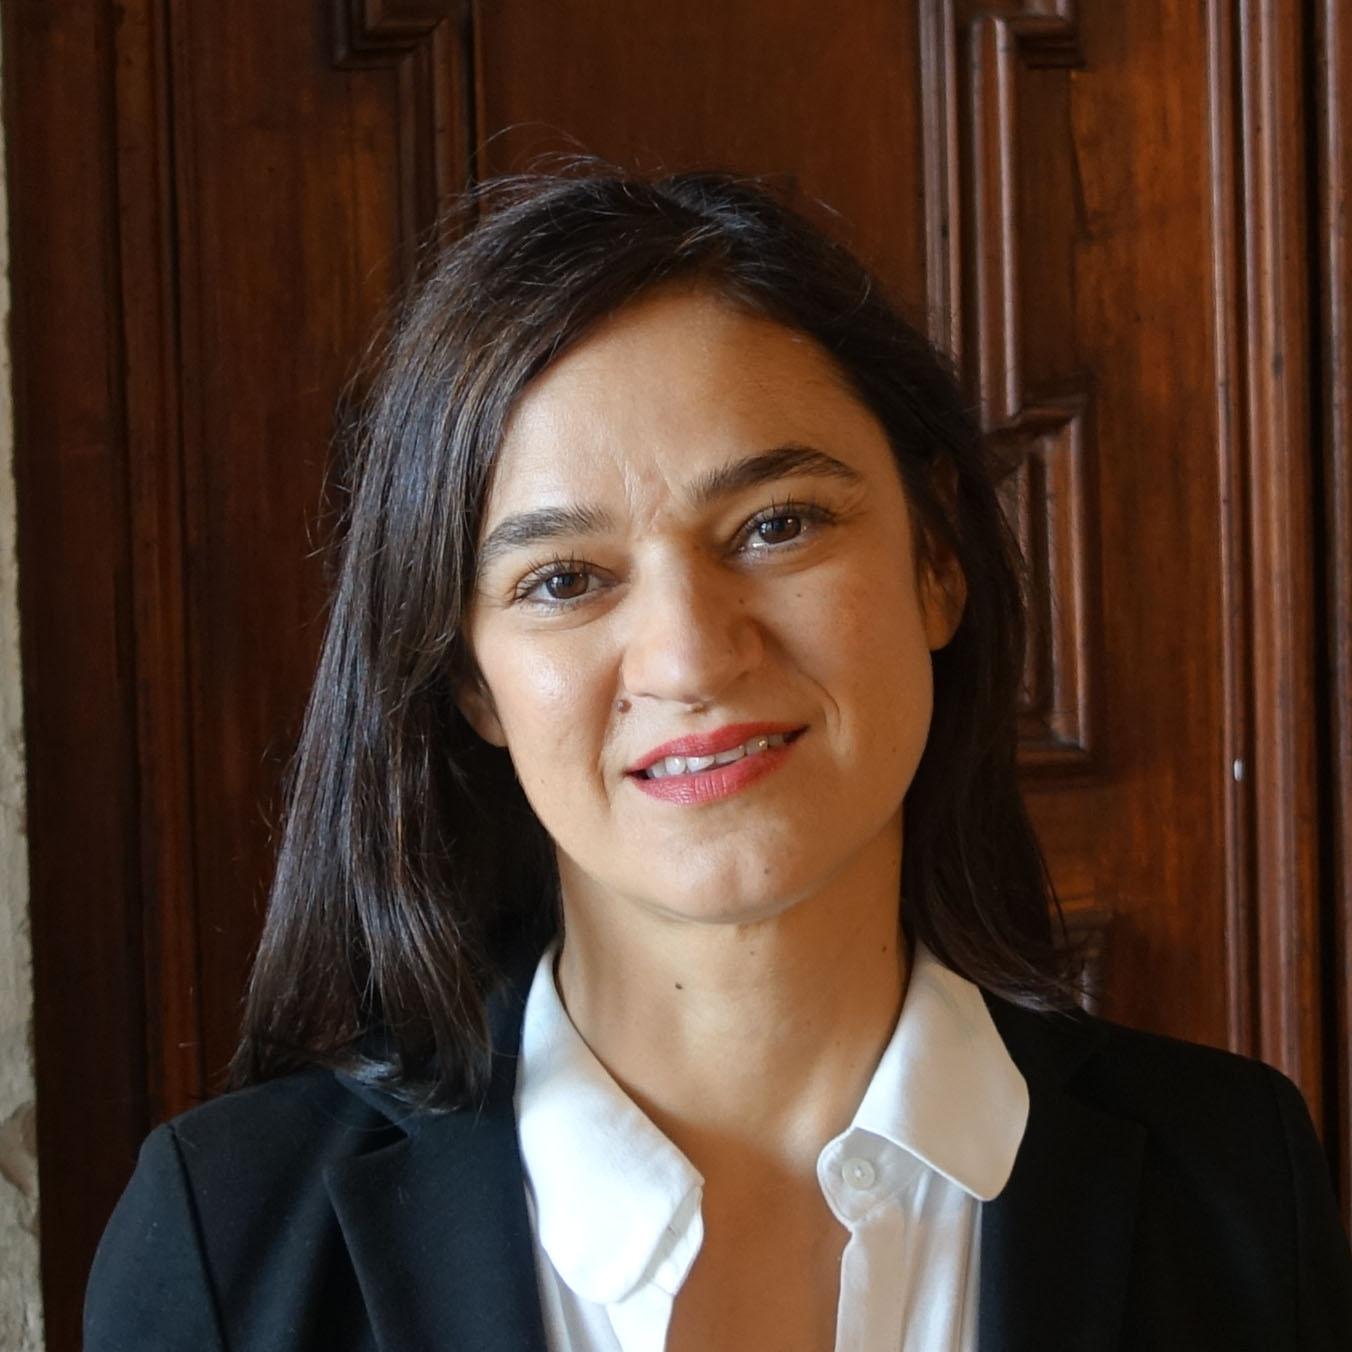 Marita Liebermann